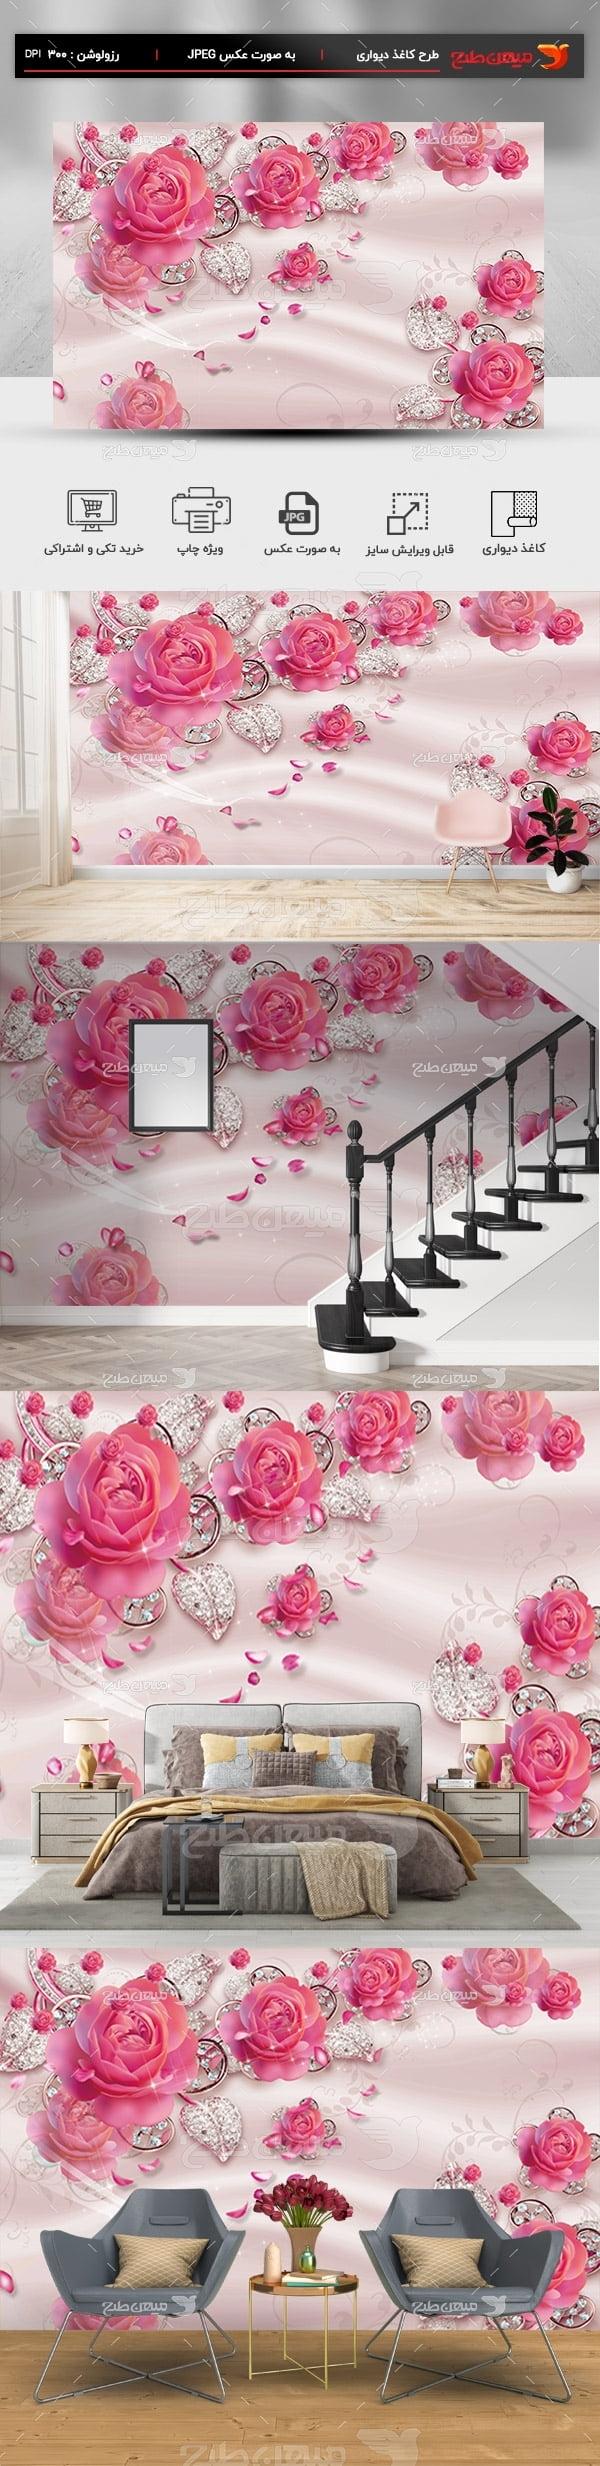 پوستر کاغذ دیواری سه بعدی طرح گل صورتی